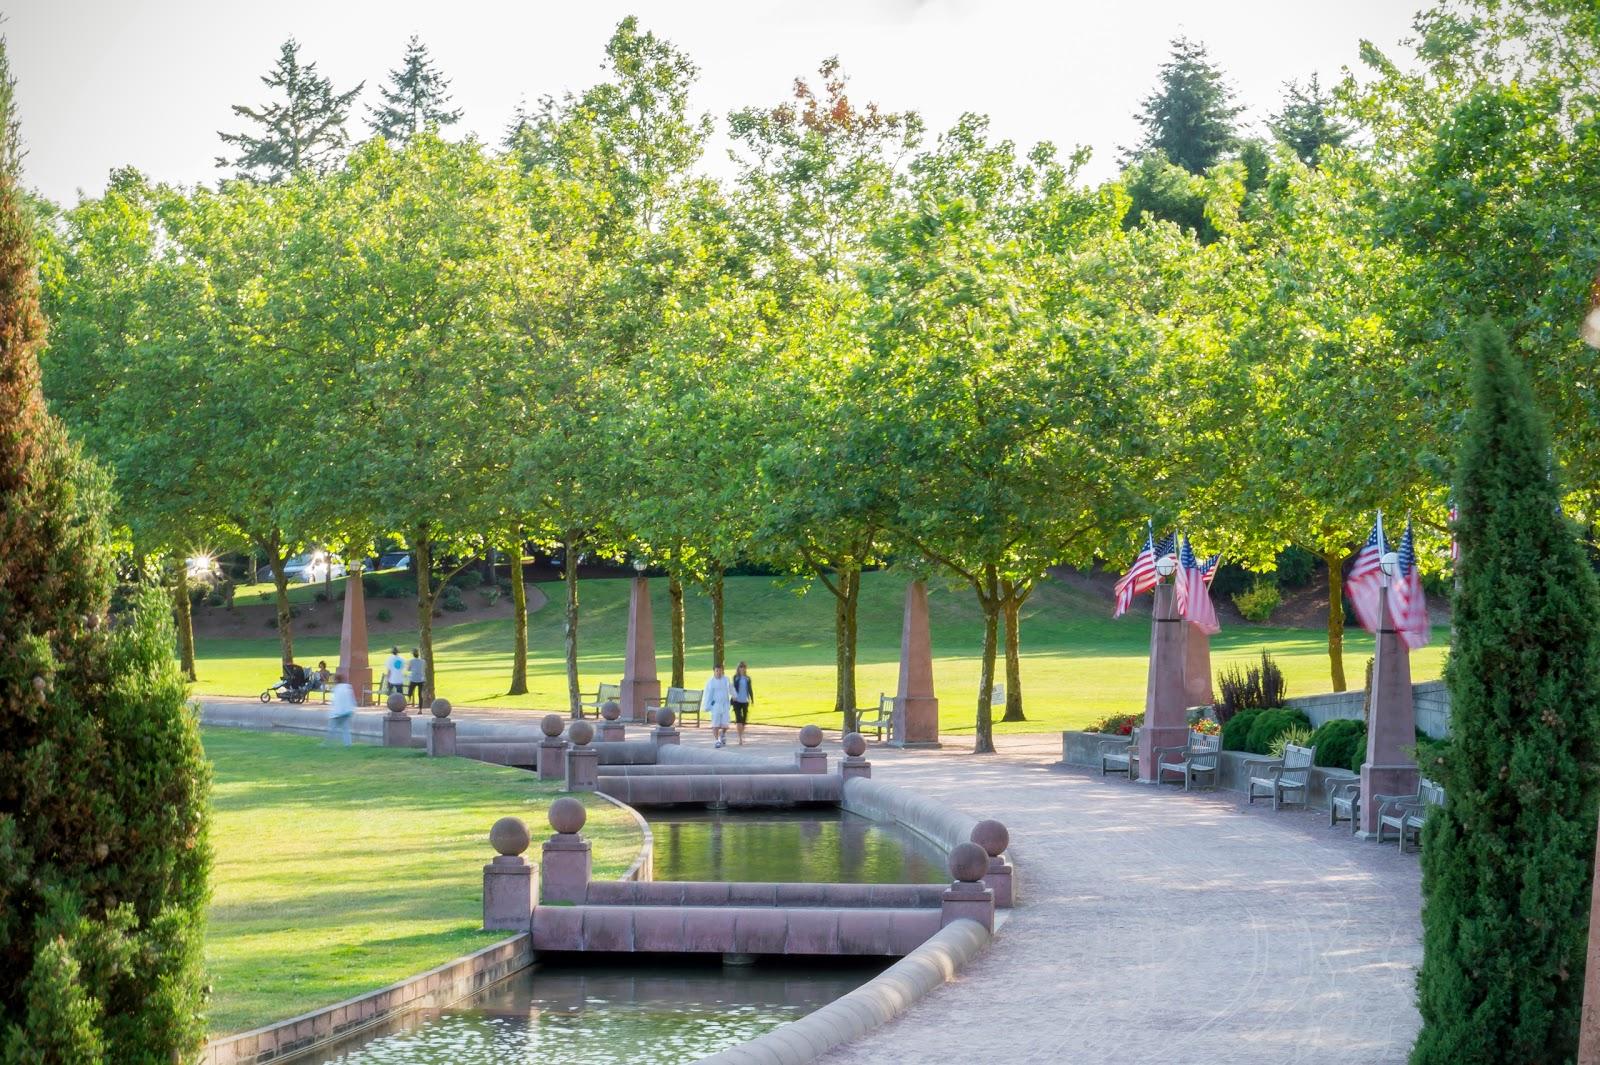 Парк не очень большой, но запомнился интересным фонтаном-каналом, который замыкается кольцом и ведёт вдоль прогулочной дорожки.